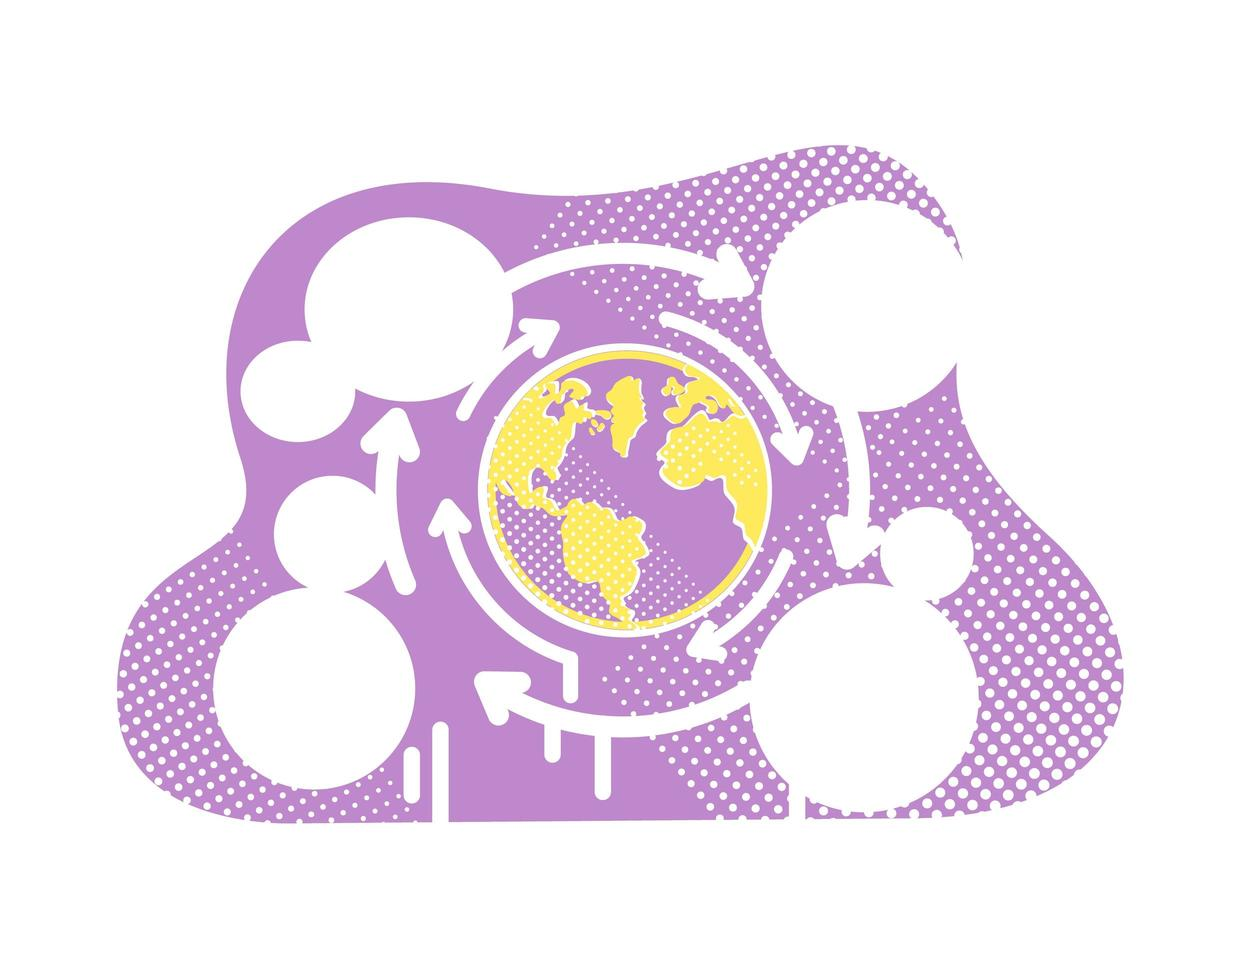 wereldwijde globalisering vector